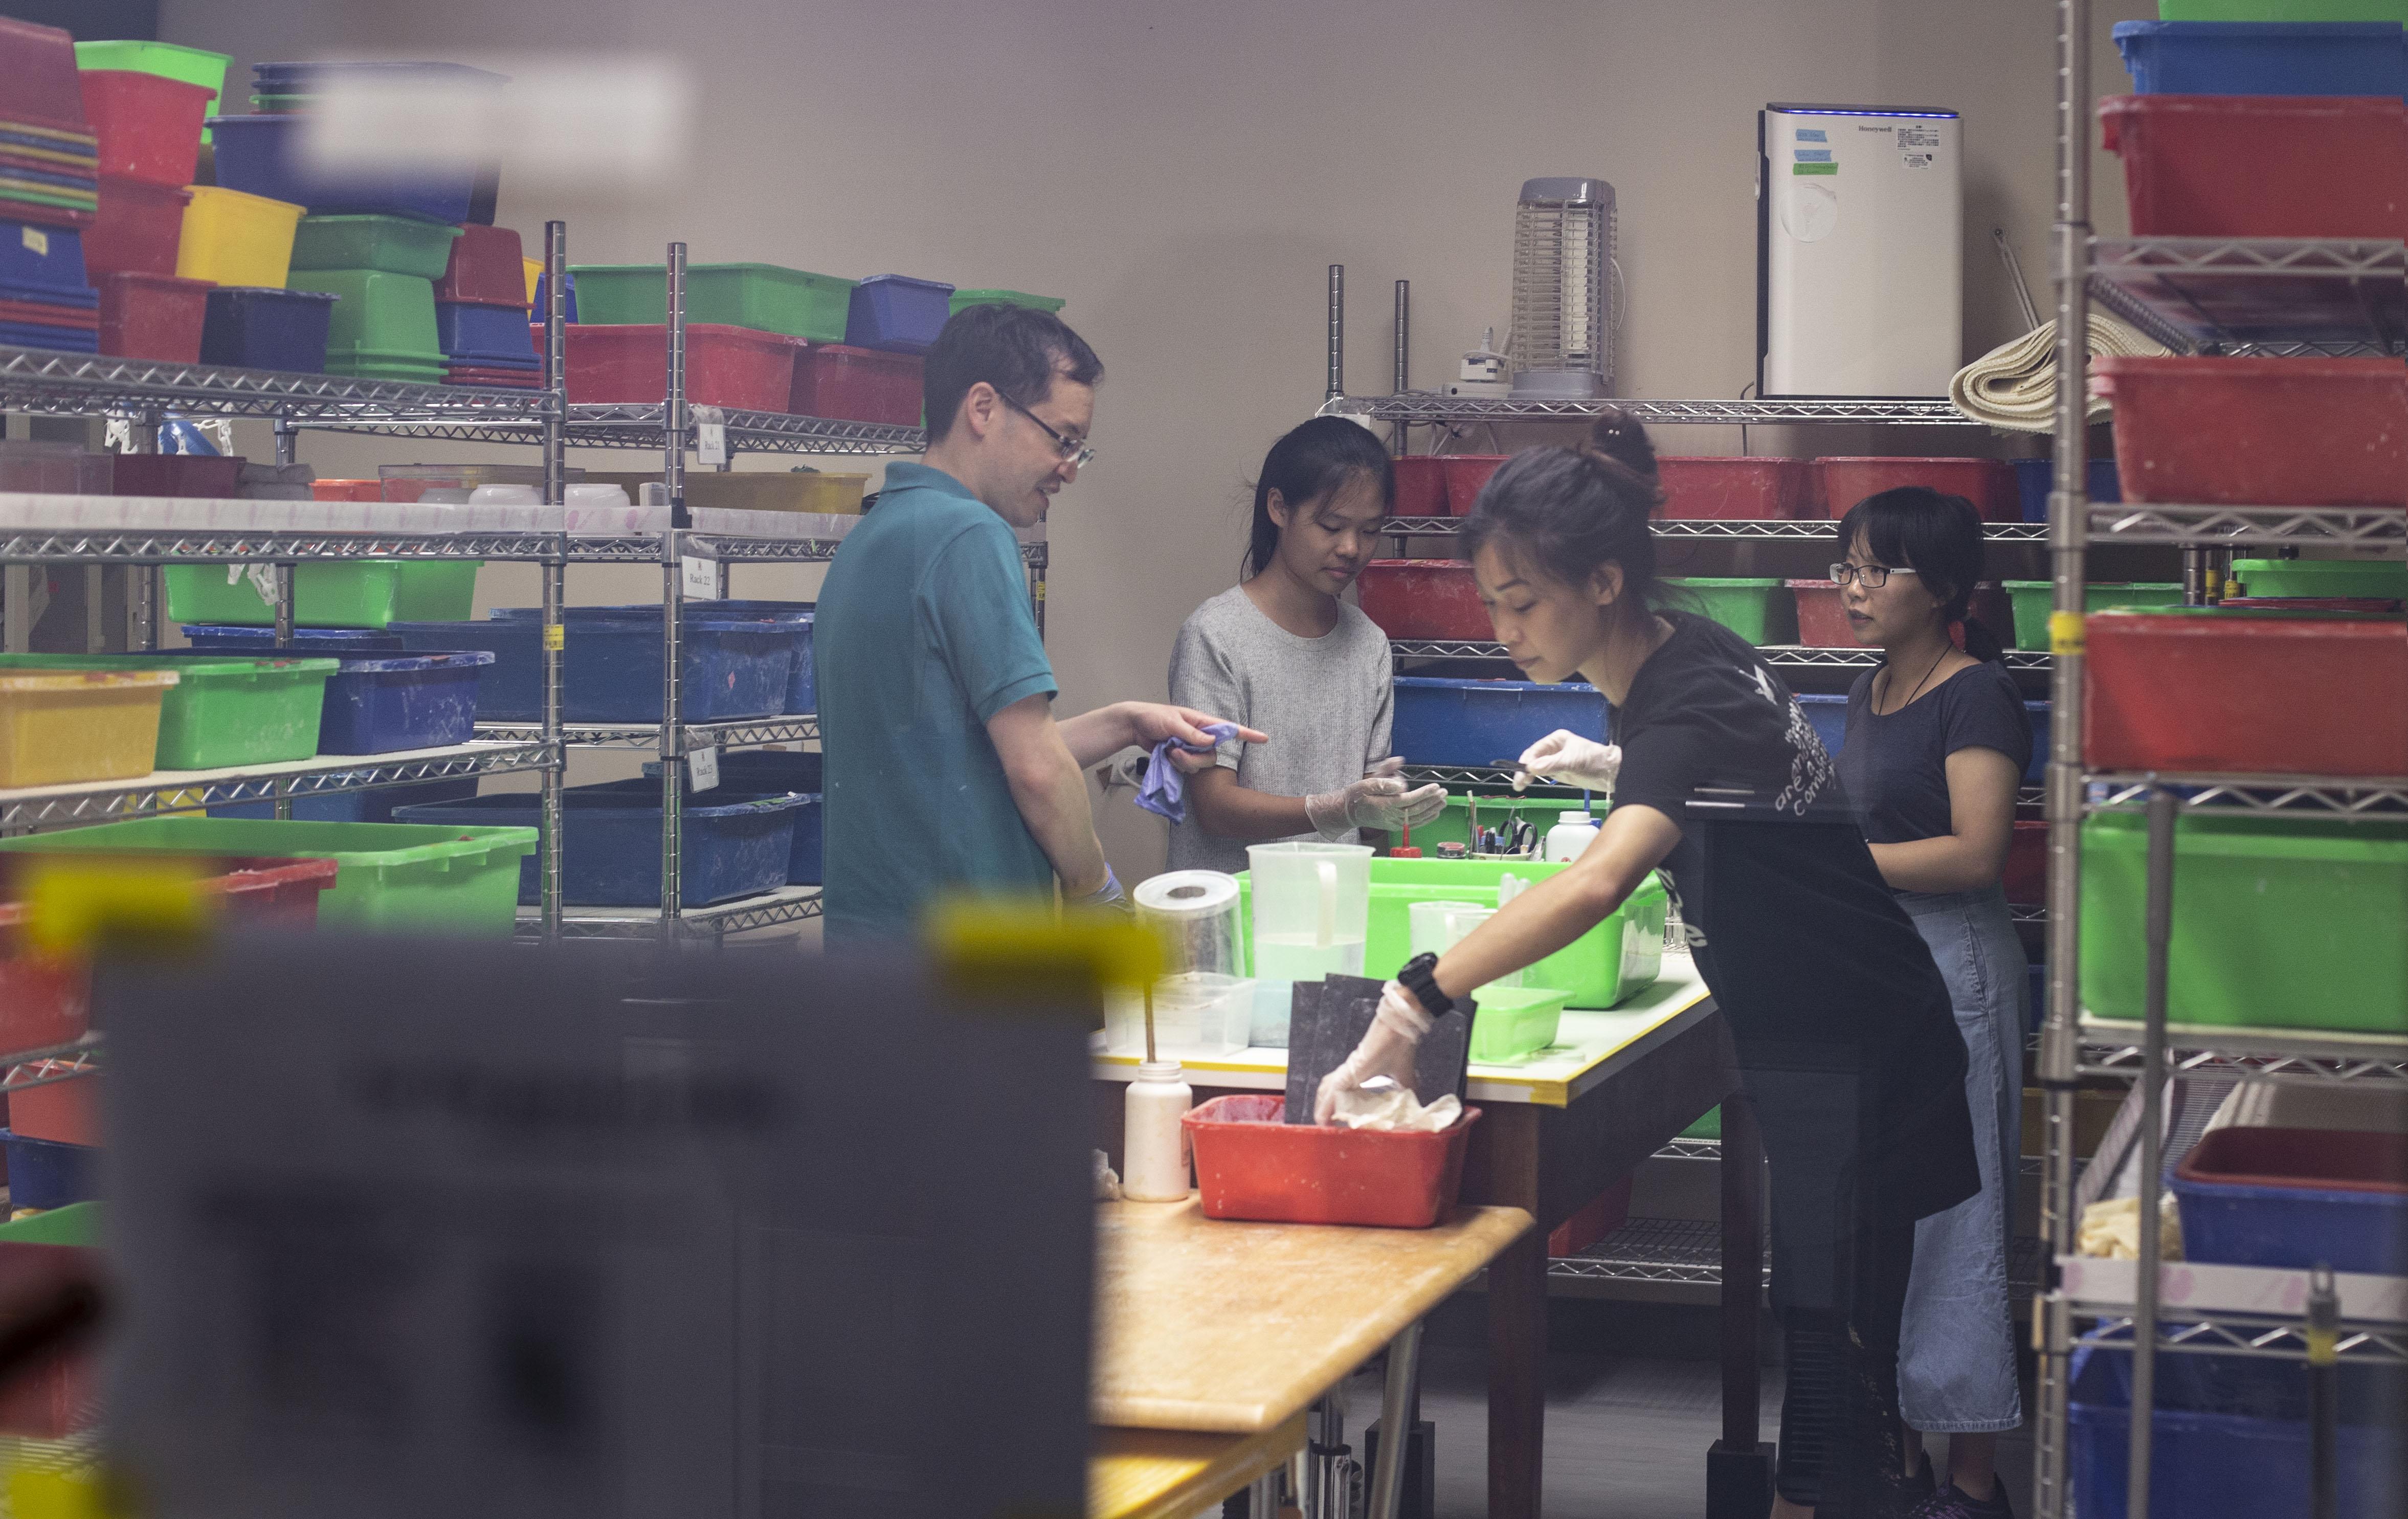 中研院的神秘螞蟻房。2010 年,演化遺傳學家王忠信從國外回到台灣中研院,研究入侵紅火蟻的超級基因。為了近距離觀察紅火蟻,他向中研院申請設立這間院區內最特別的螞蟻房。攝影│林洵安